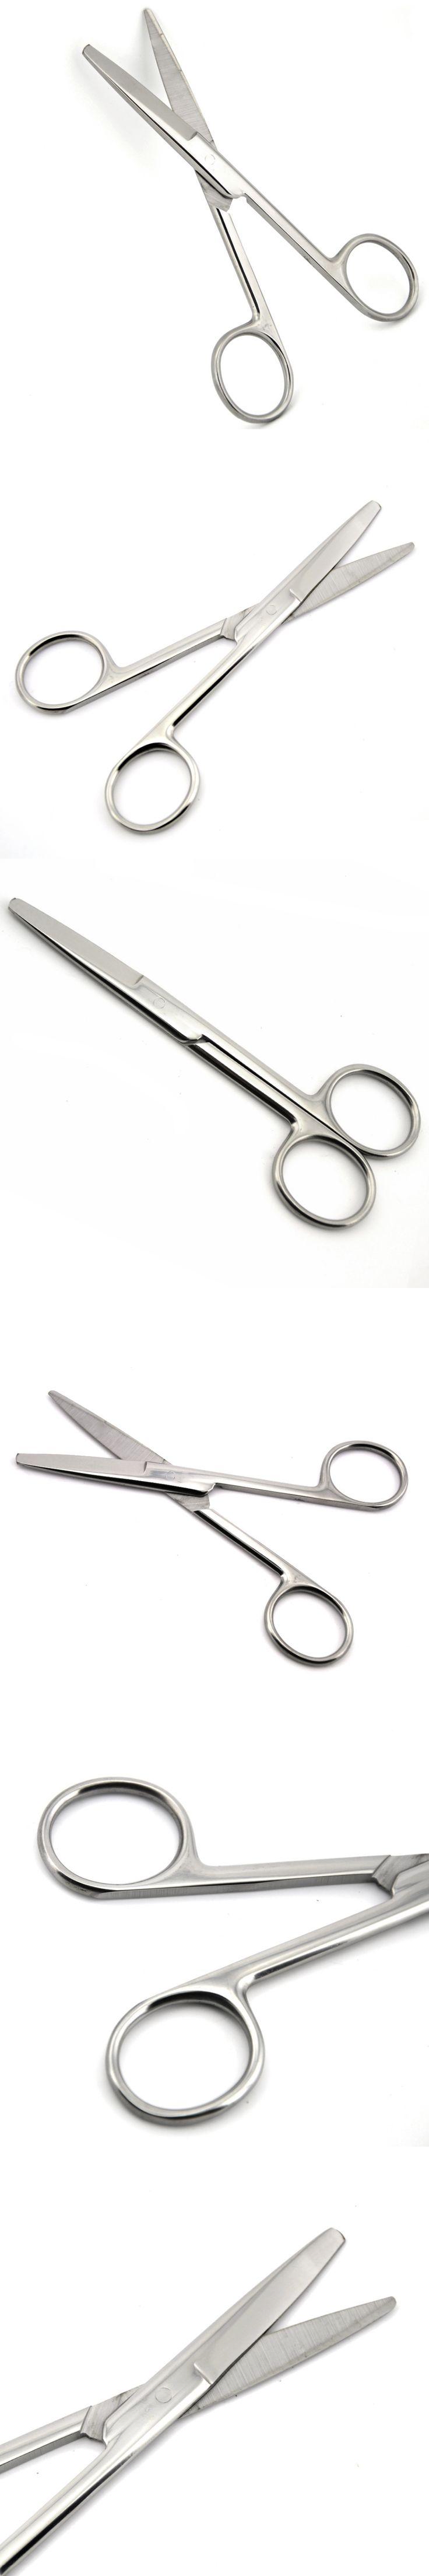 ZY 4.5 inch Pro Beard Scissors Mustache Hair Trimmer Shears For Men Shaving Shave Beard Barber